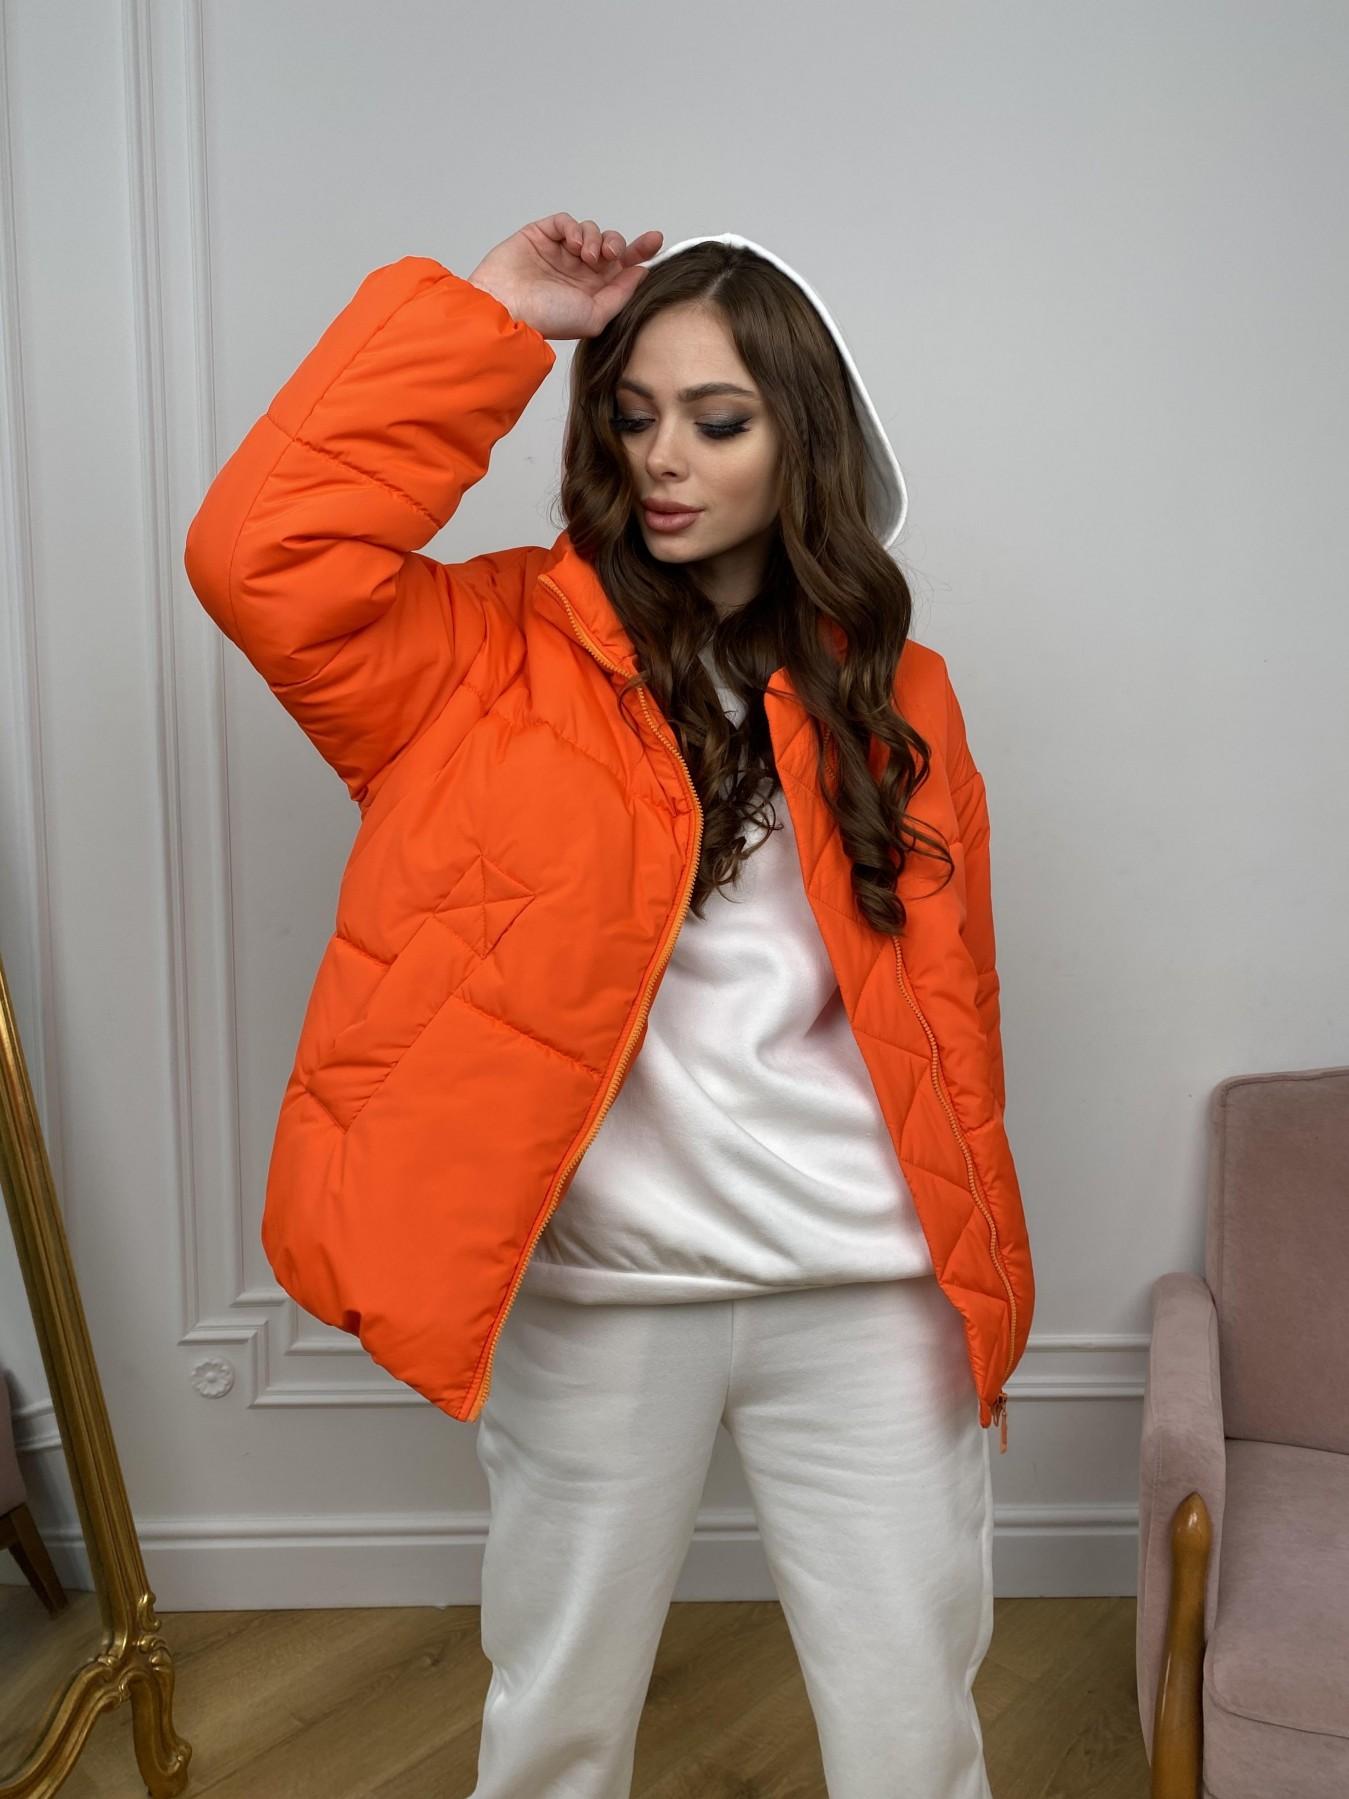 Муд куртка из плащевой ткани 10509 АРТ. 46915 Цвет: Оранжевый 788 - фото 2, интернет магазин tm-modus.ru